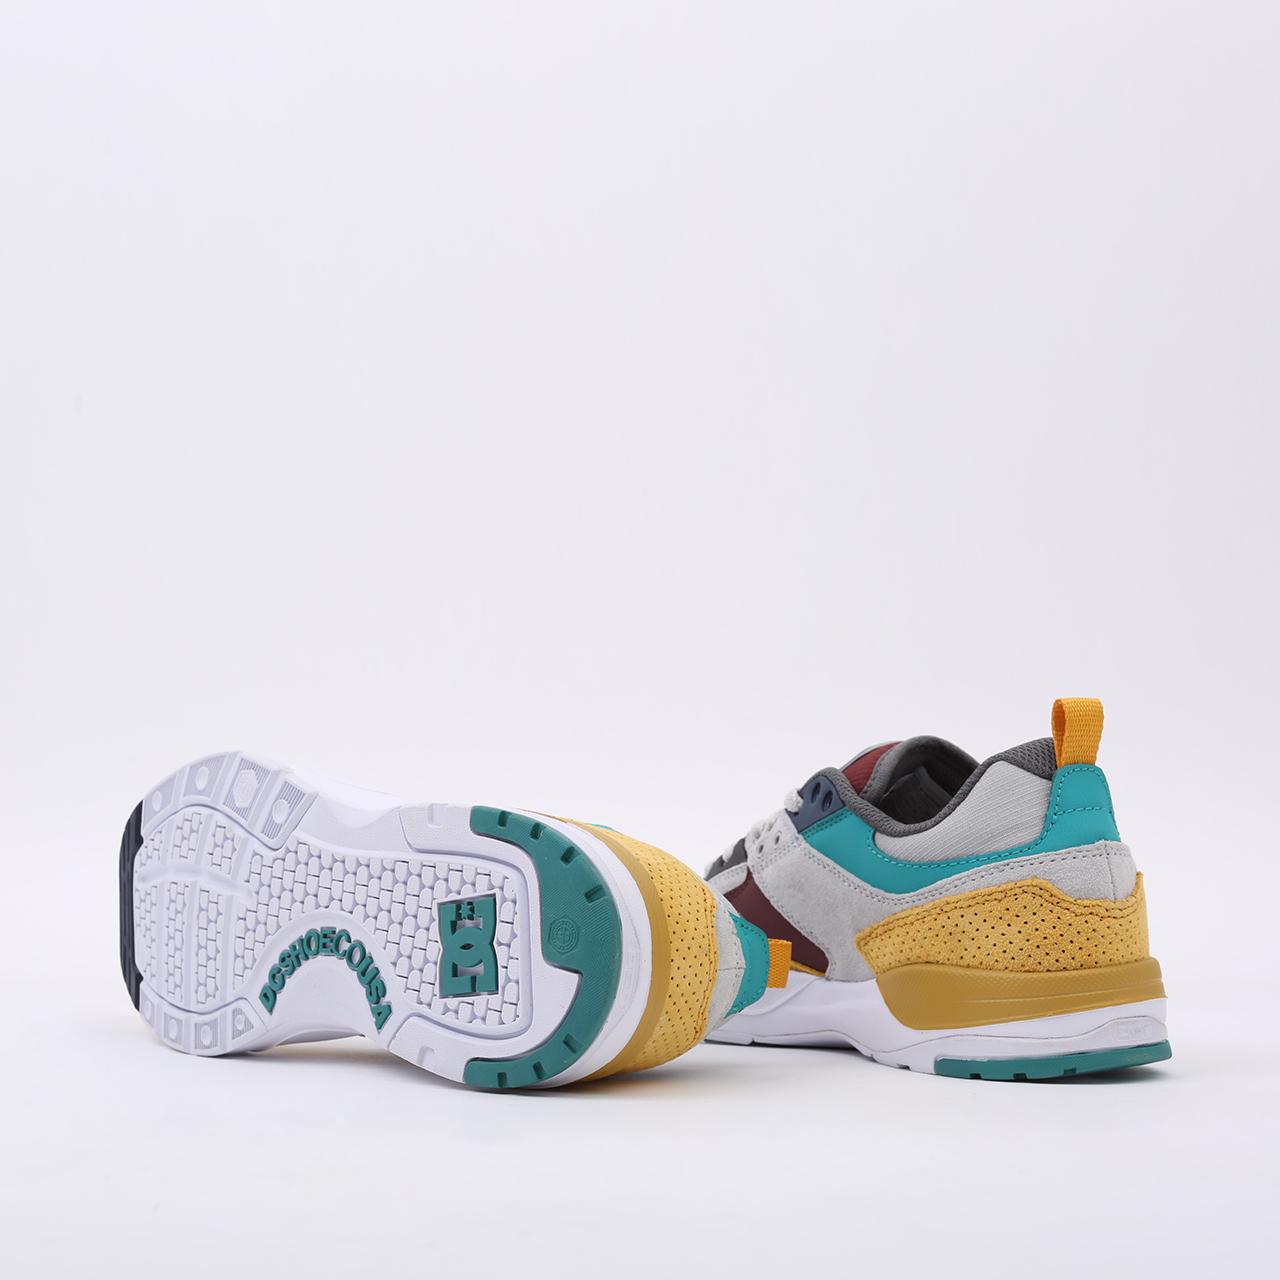 мужские разноцветные  кроссовки dc shoes e. tribeka se ADYS700142-xsky-xsky - цена, описание, фото 5